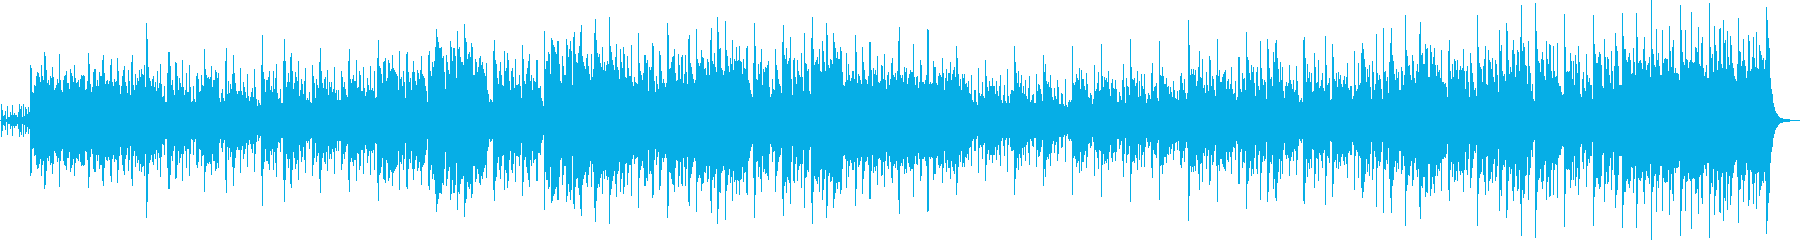 アンデス系ケルトとチターの民族音楽風の再生済みの波形